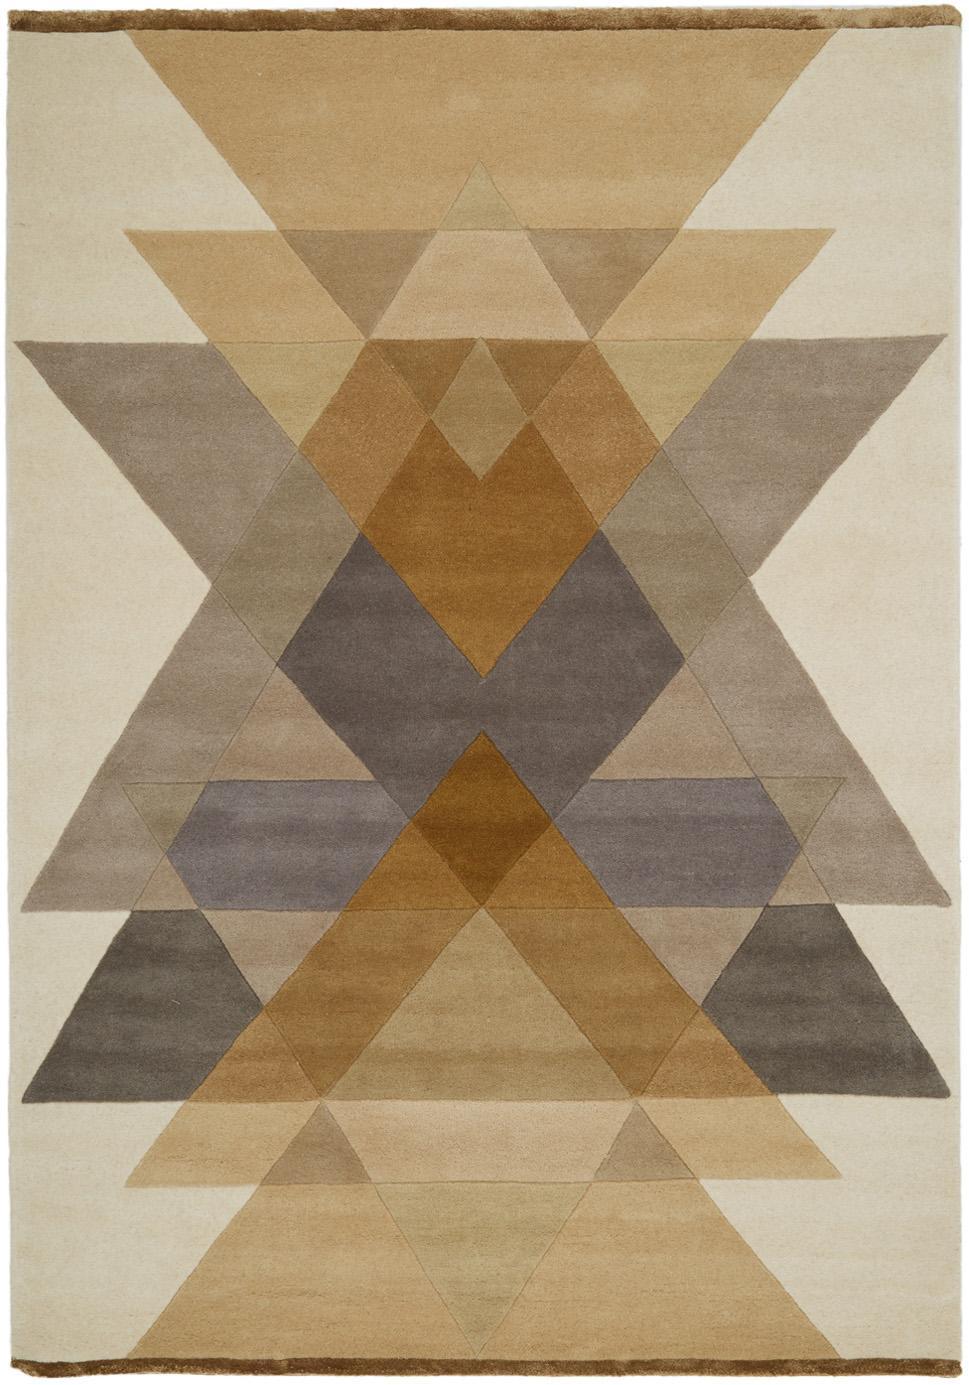 Tappeto di design taftato a mano  Freya, Retro: lana, Giallo senape, beige, grigio, marrone, Larg. 140 x Lung. 200 cm (taglia S)